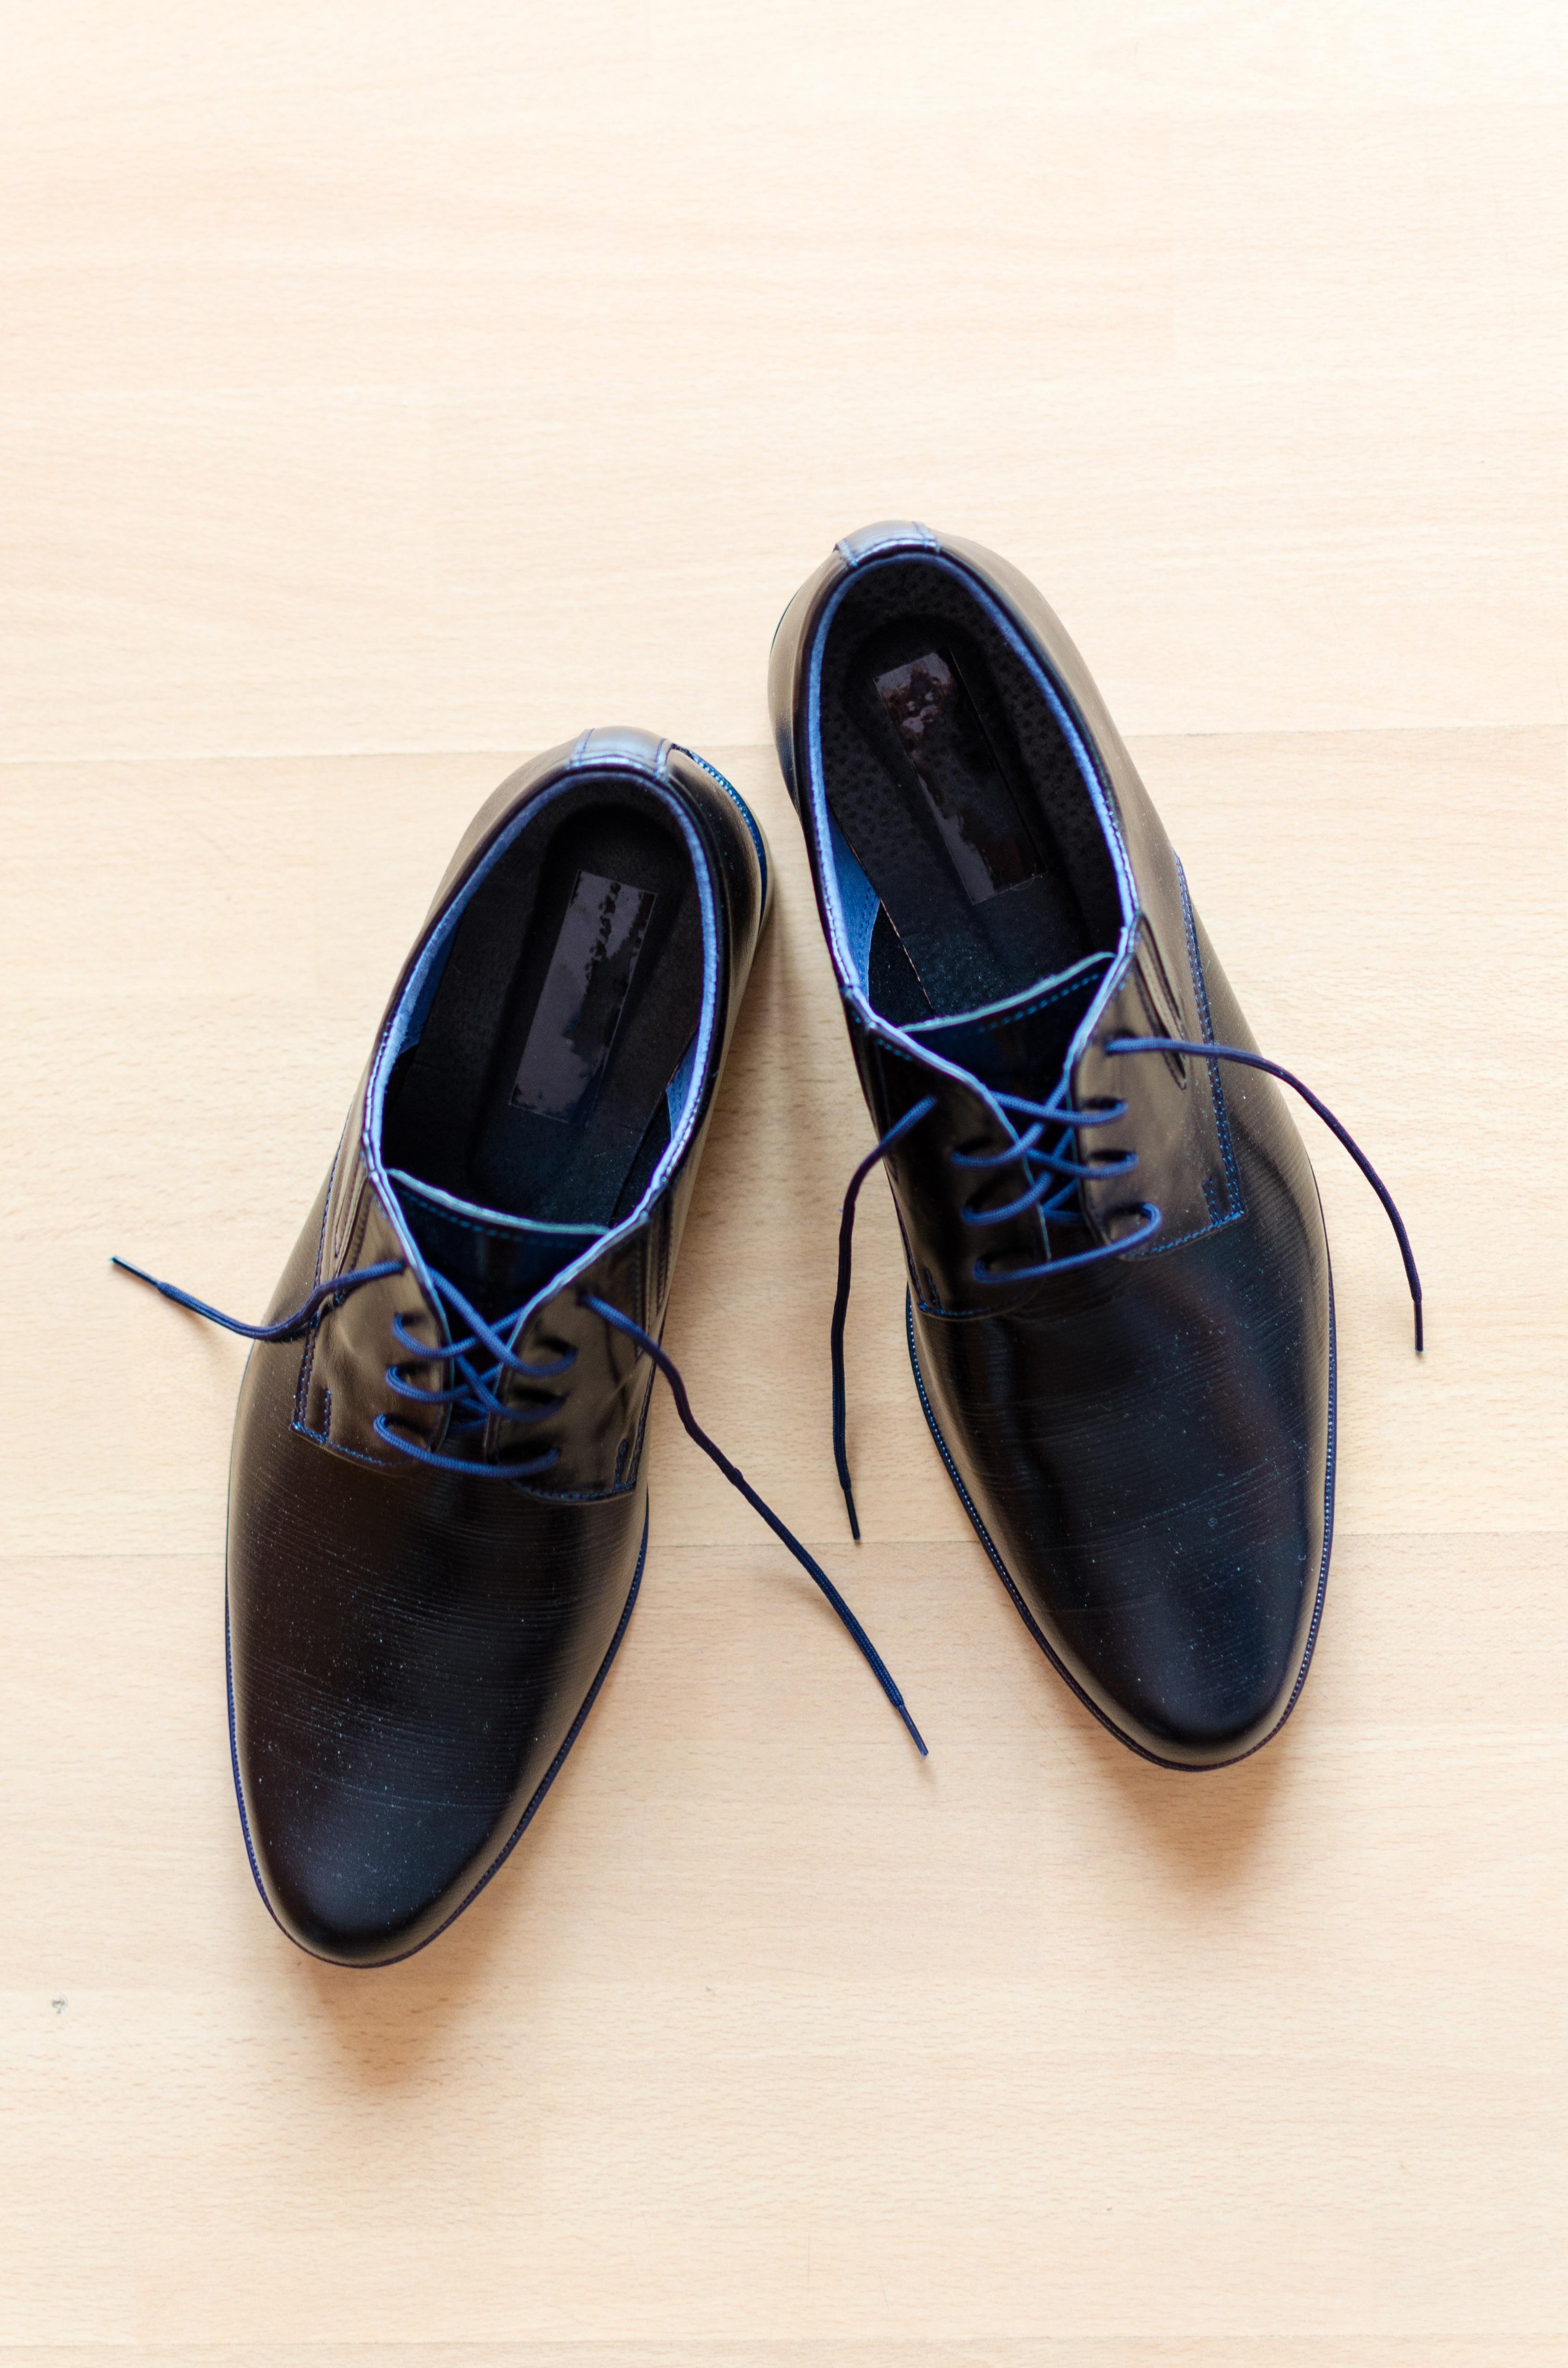 c4bf59eb778da ... chaussure, blanc, cuir, cru, Matin, mâle, pied, dentelle, marron,  couple, Entreprise, Vêtements, objet, noir, mode de vie, mariage, moderne,  lacet, ...